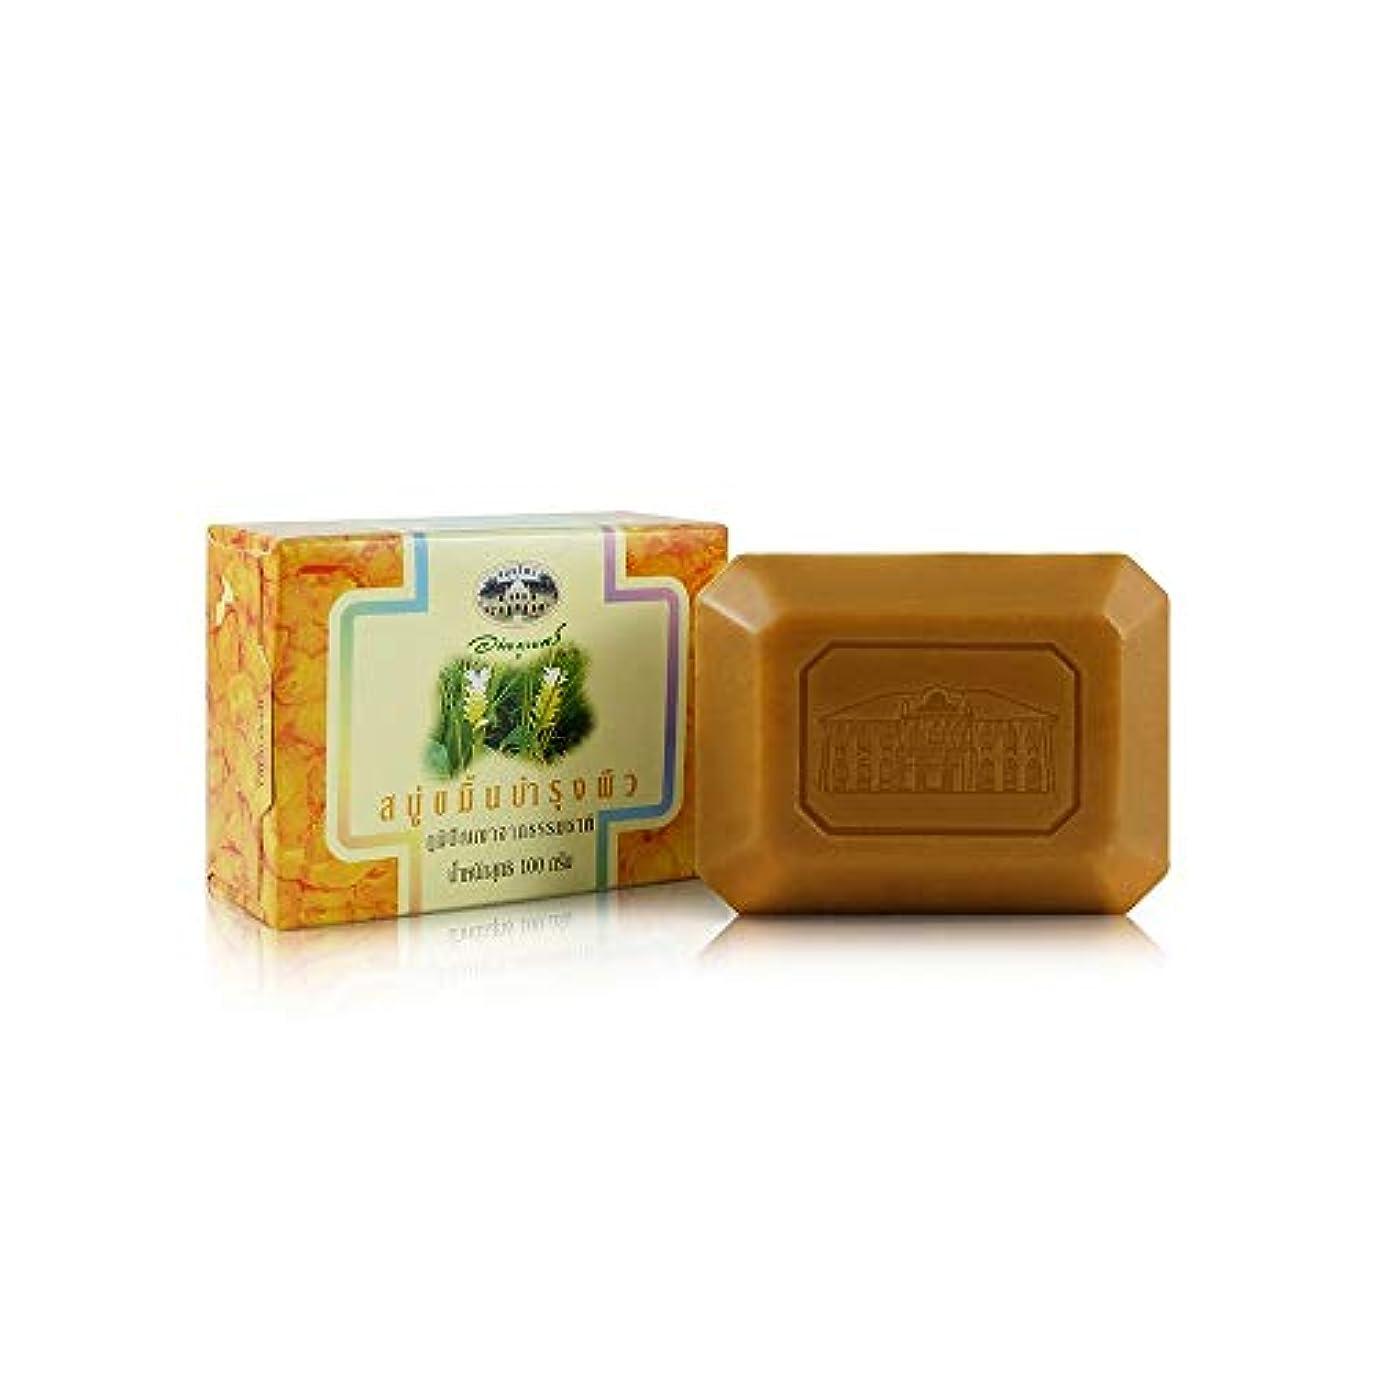 懇願する出くわすブルAbhaibhubejhr Turmeric Herbal Body Cleansing Soap 100g. Abhaibhubejhrターメリックハーブボディクレンジングソープ100グラム。